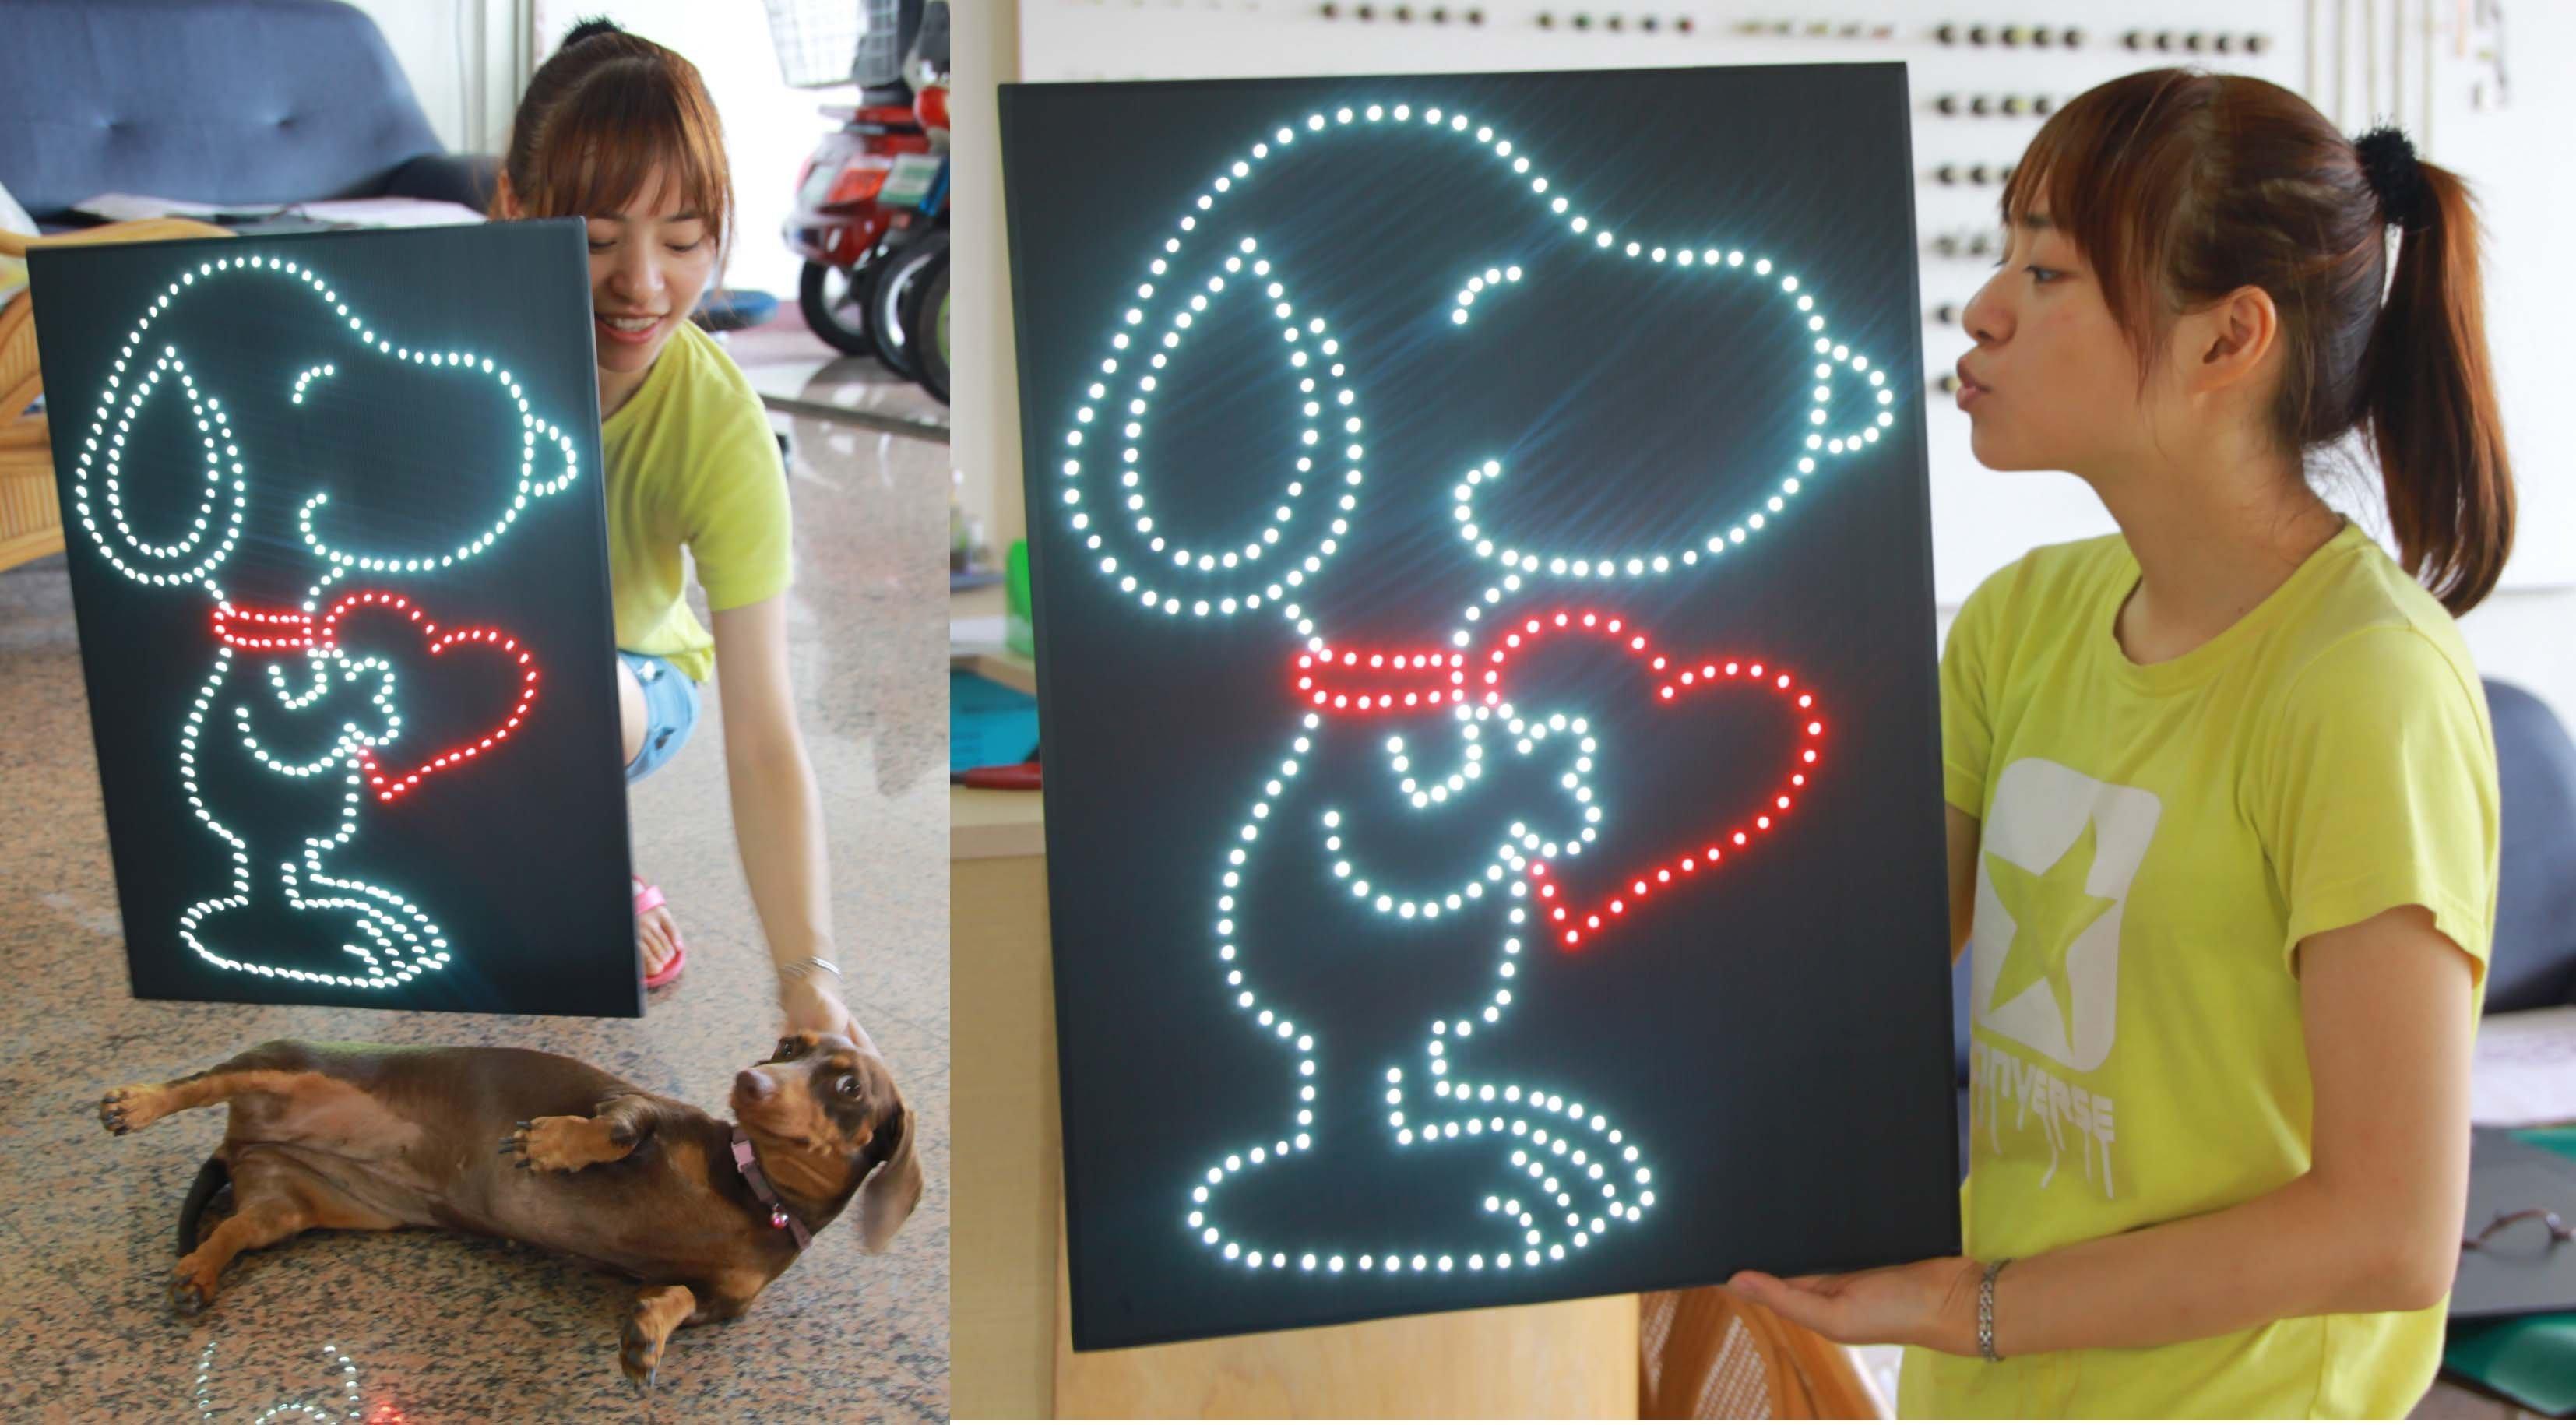 彩光LED燈牌 燈板 看板 加油板 粉絲板 演唱會 簽唱會 後援會 追星 蔡閔祐 林俊傑 郭書搖